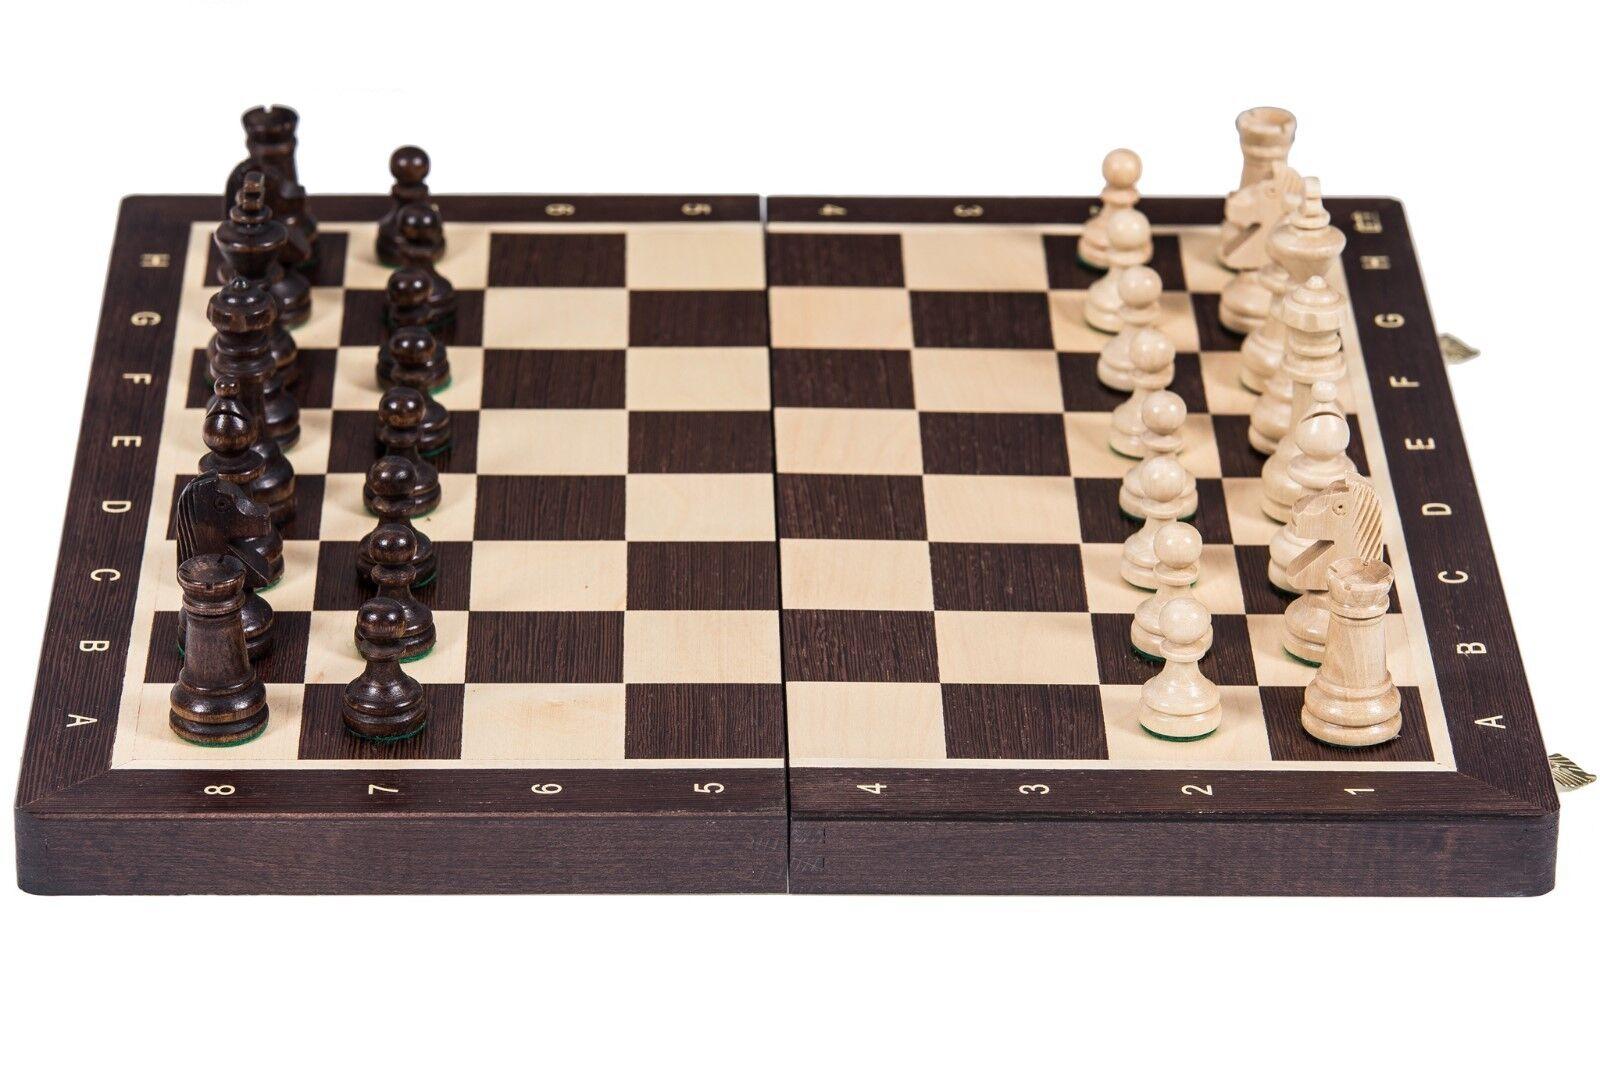 SQUARE - Schach Schachspiel Nr 4 - WENGE - Schachbrett & Schachfiguren Holz